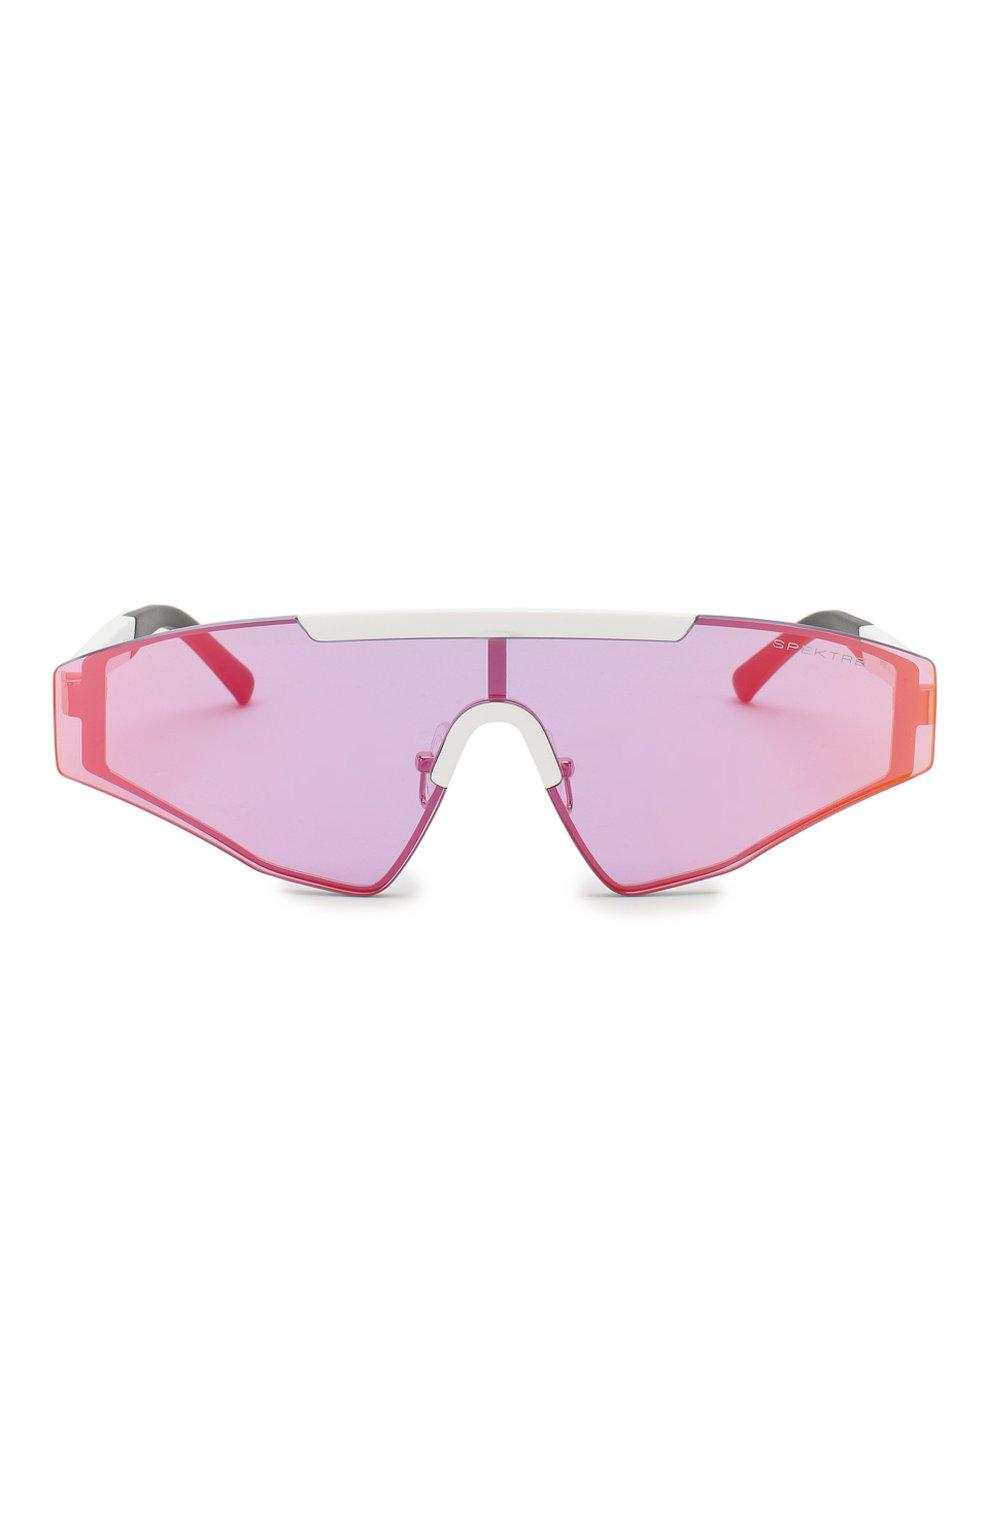 Женские солнцезащитные очки SPEKTRE разноцветного цвета, арт. VINCENT 03AFT | Фото 2